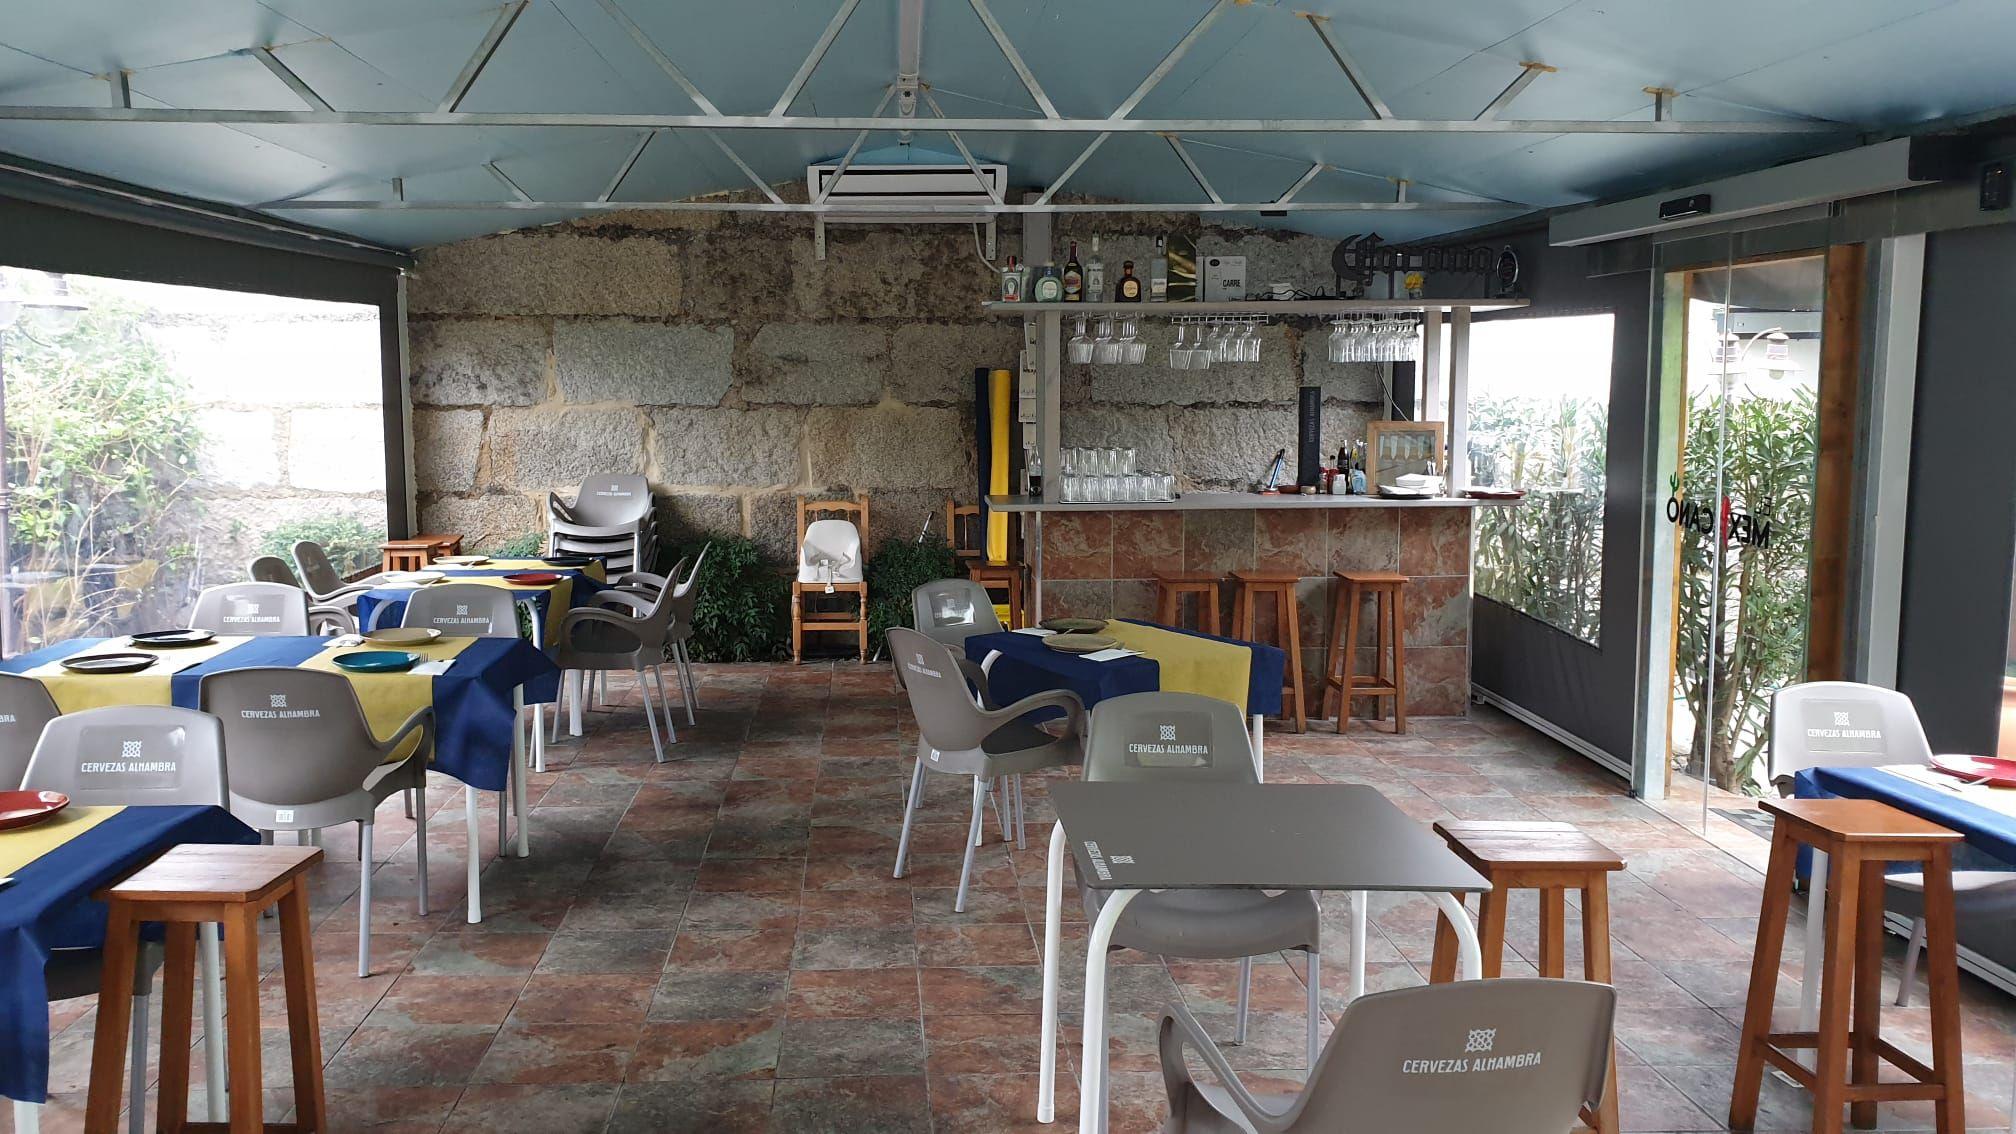 Foto 8 de Restaurante de cocina mexicana en    El Mexicano Autentico